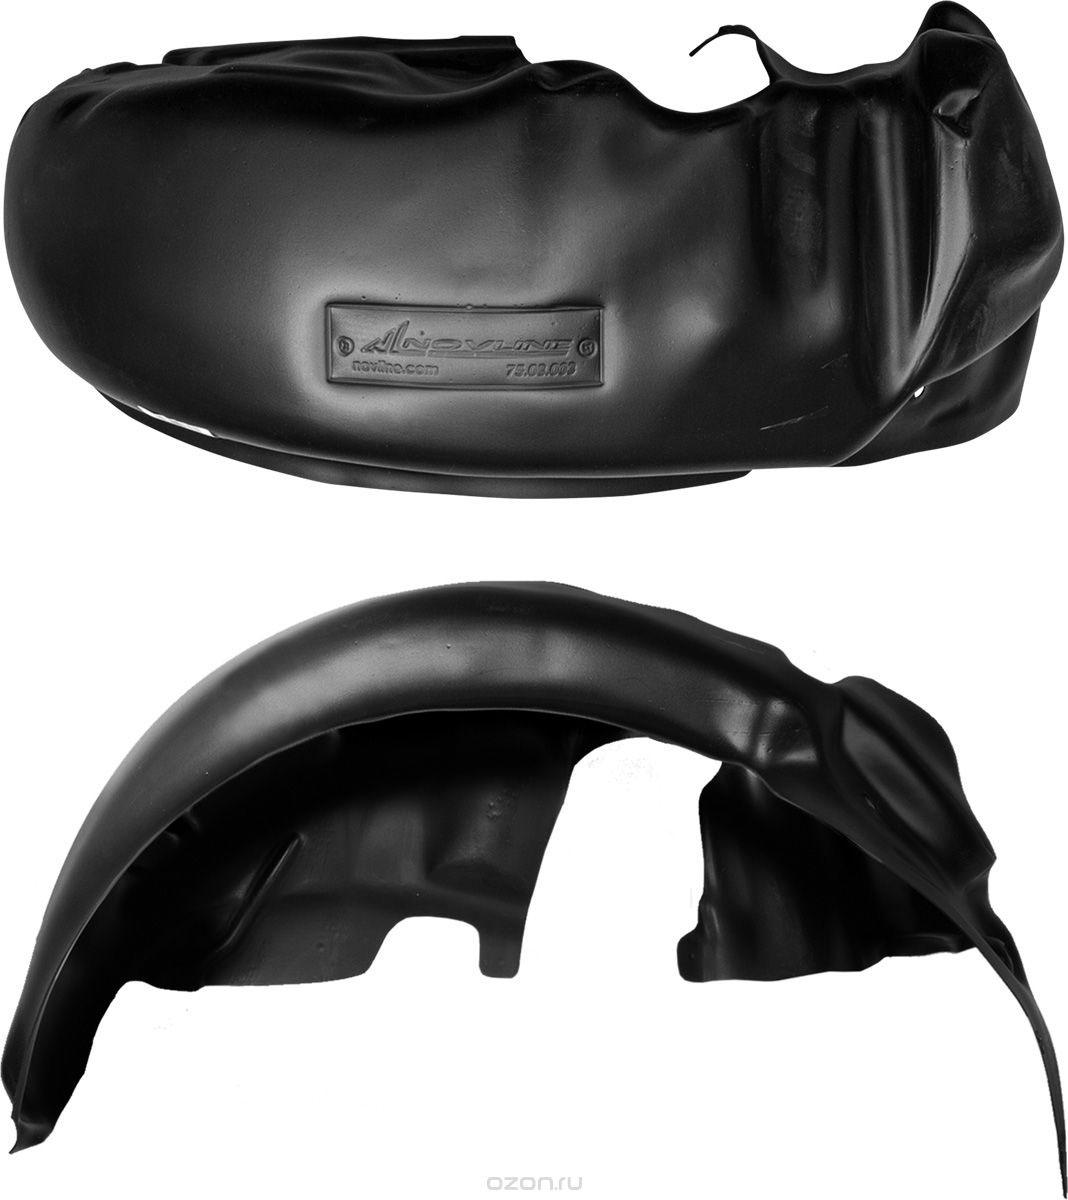 Подкрылок Novline-Autofamily, для MERCEDES-BENZ Sprinter Classic, 2013->, передний правыйSATURN CANCARDИдеальная защита колесной ниши. Локеры разработаны с применением цифровых технологий, гарантируют максимальную повторяемость поверхности арки. Изделия устанавливаются без нарушения лакокрасочного покрытия автомобиля, каждый подкрылок комплектуется крепежом. Уважаемые клиенты, обращаем ваше внимание, что фотографии на подкрылки универсальные и не отражают реальную форму изделия. При этом само изделие идет точно под размер указанного автомобиля.